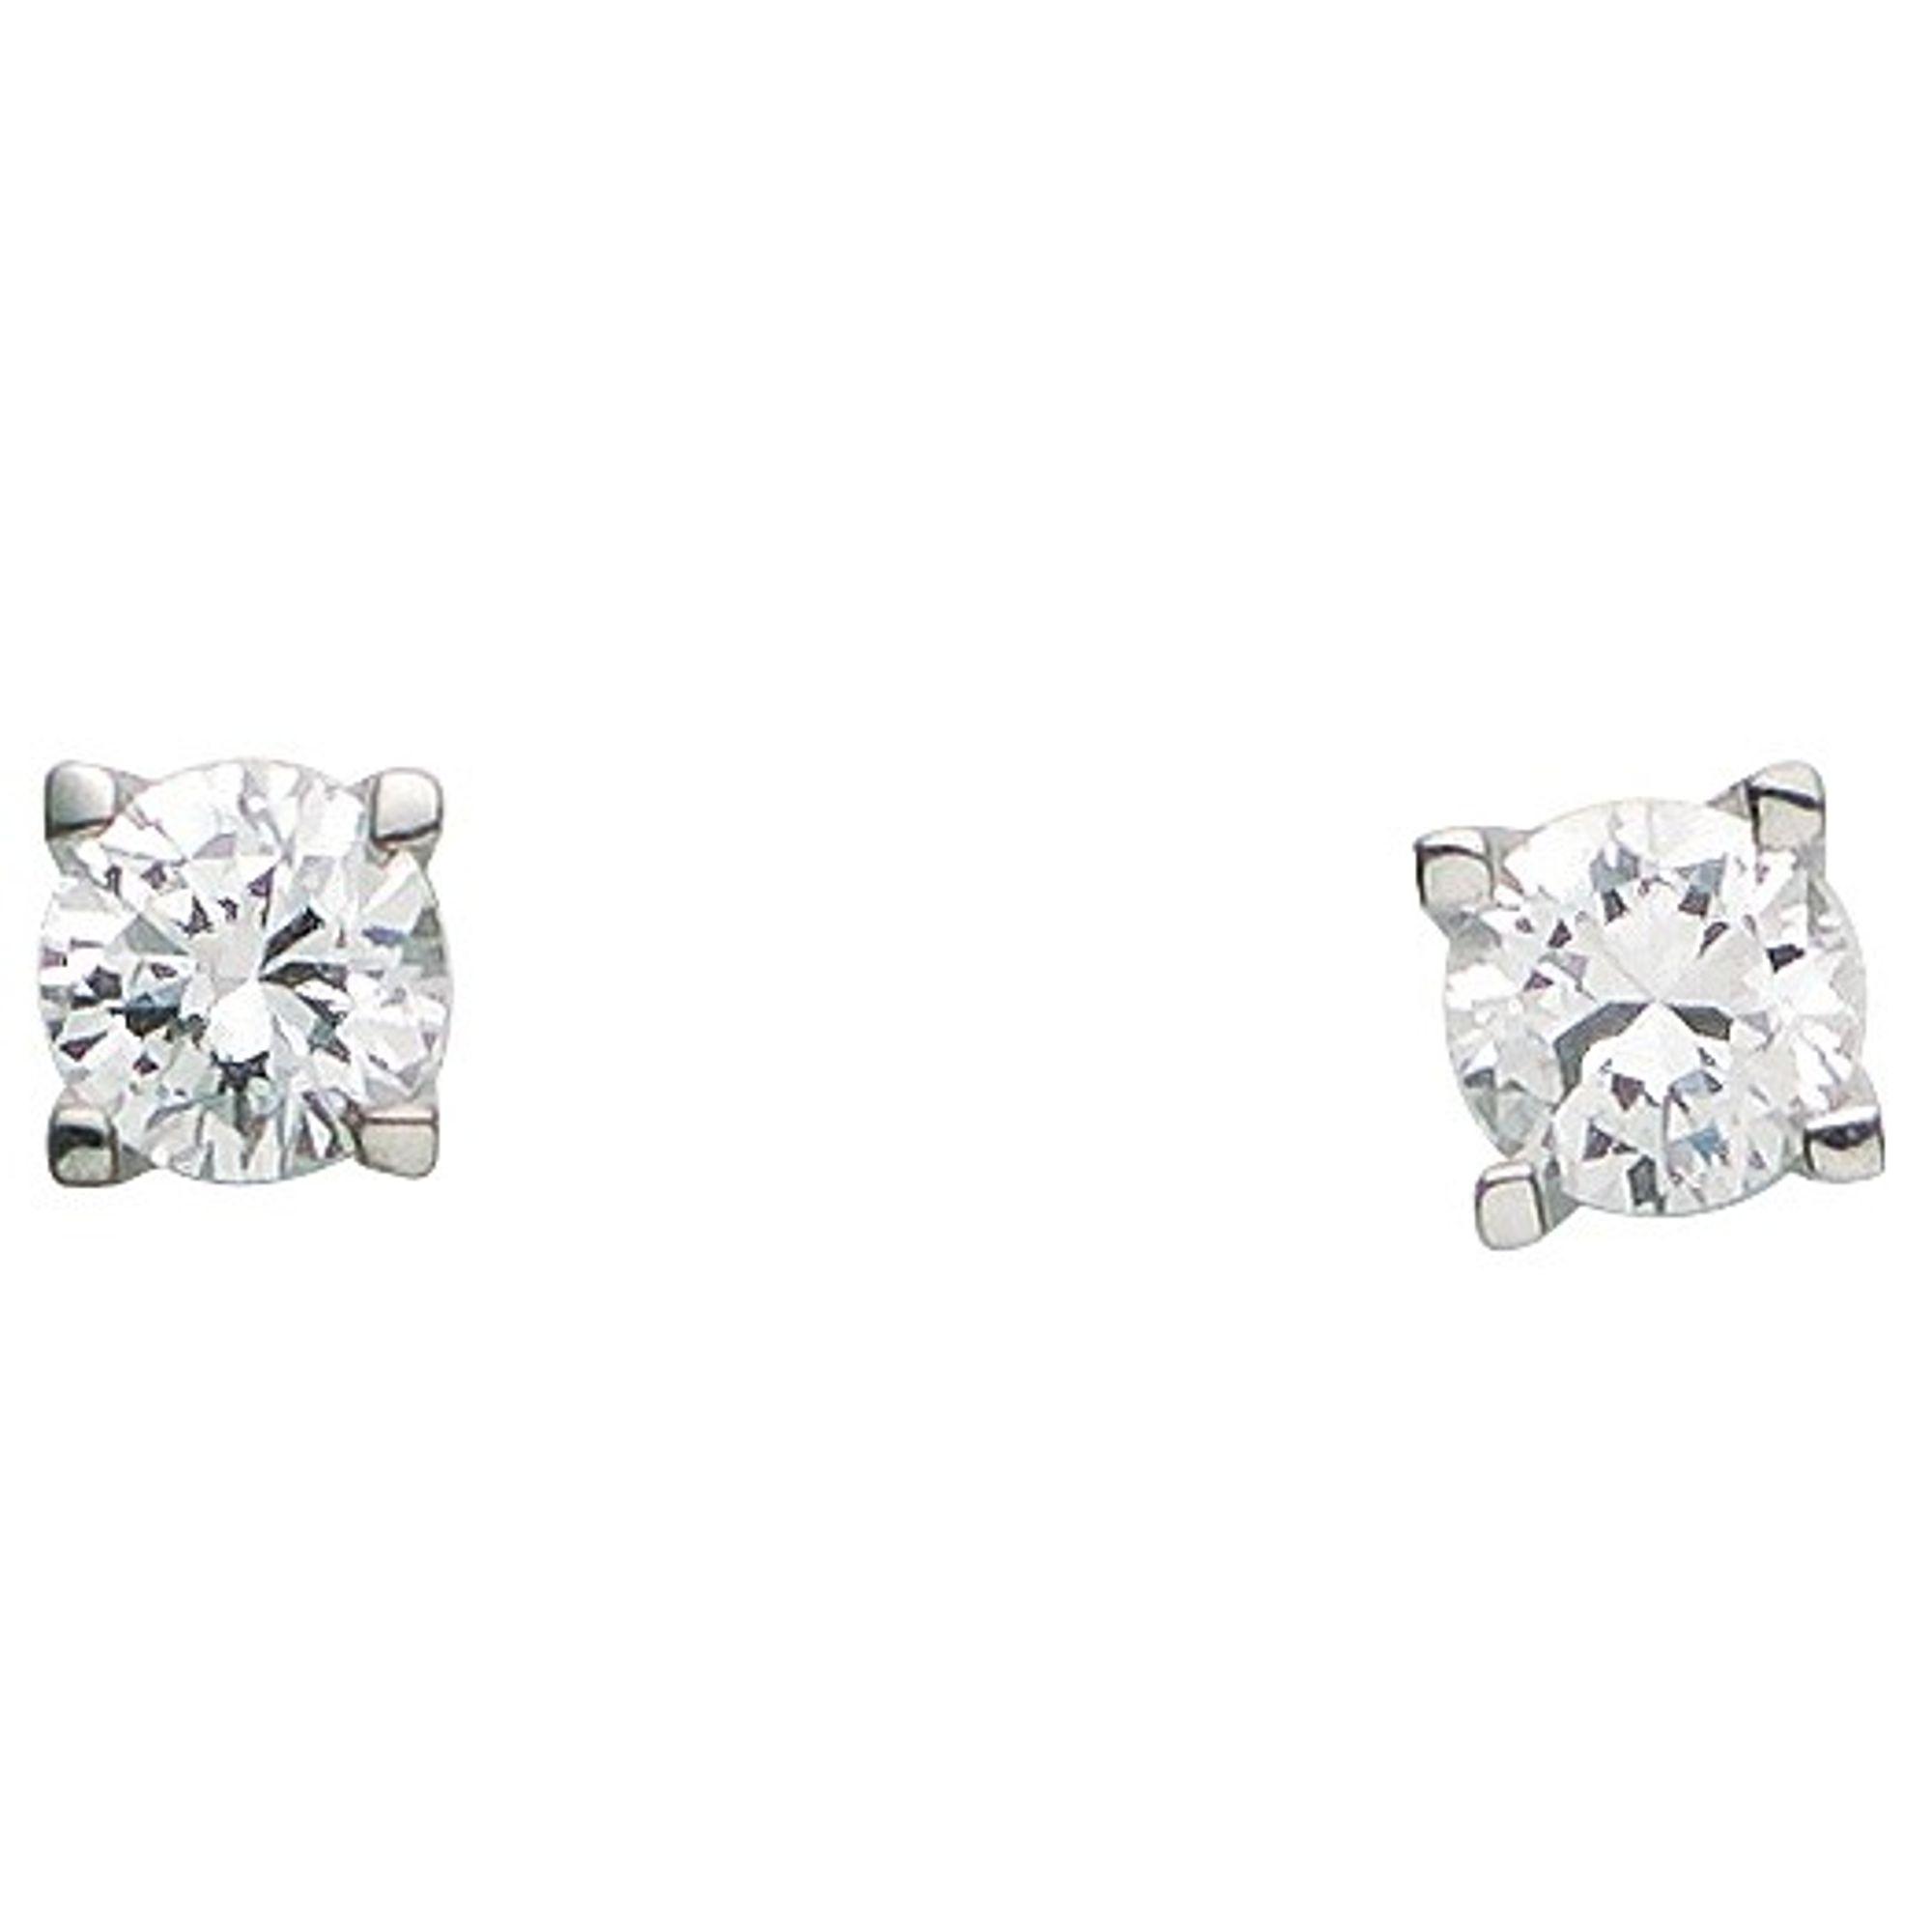 Basic Silber 01.2318 Damen Ohrstecker Silber Zirkonia weiß